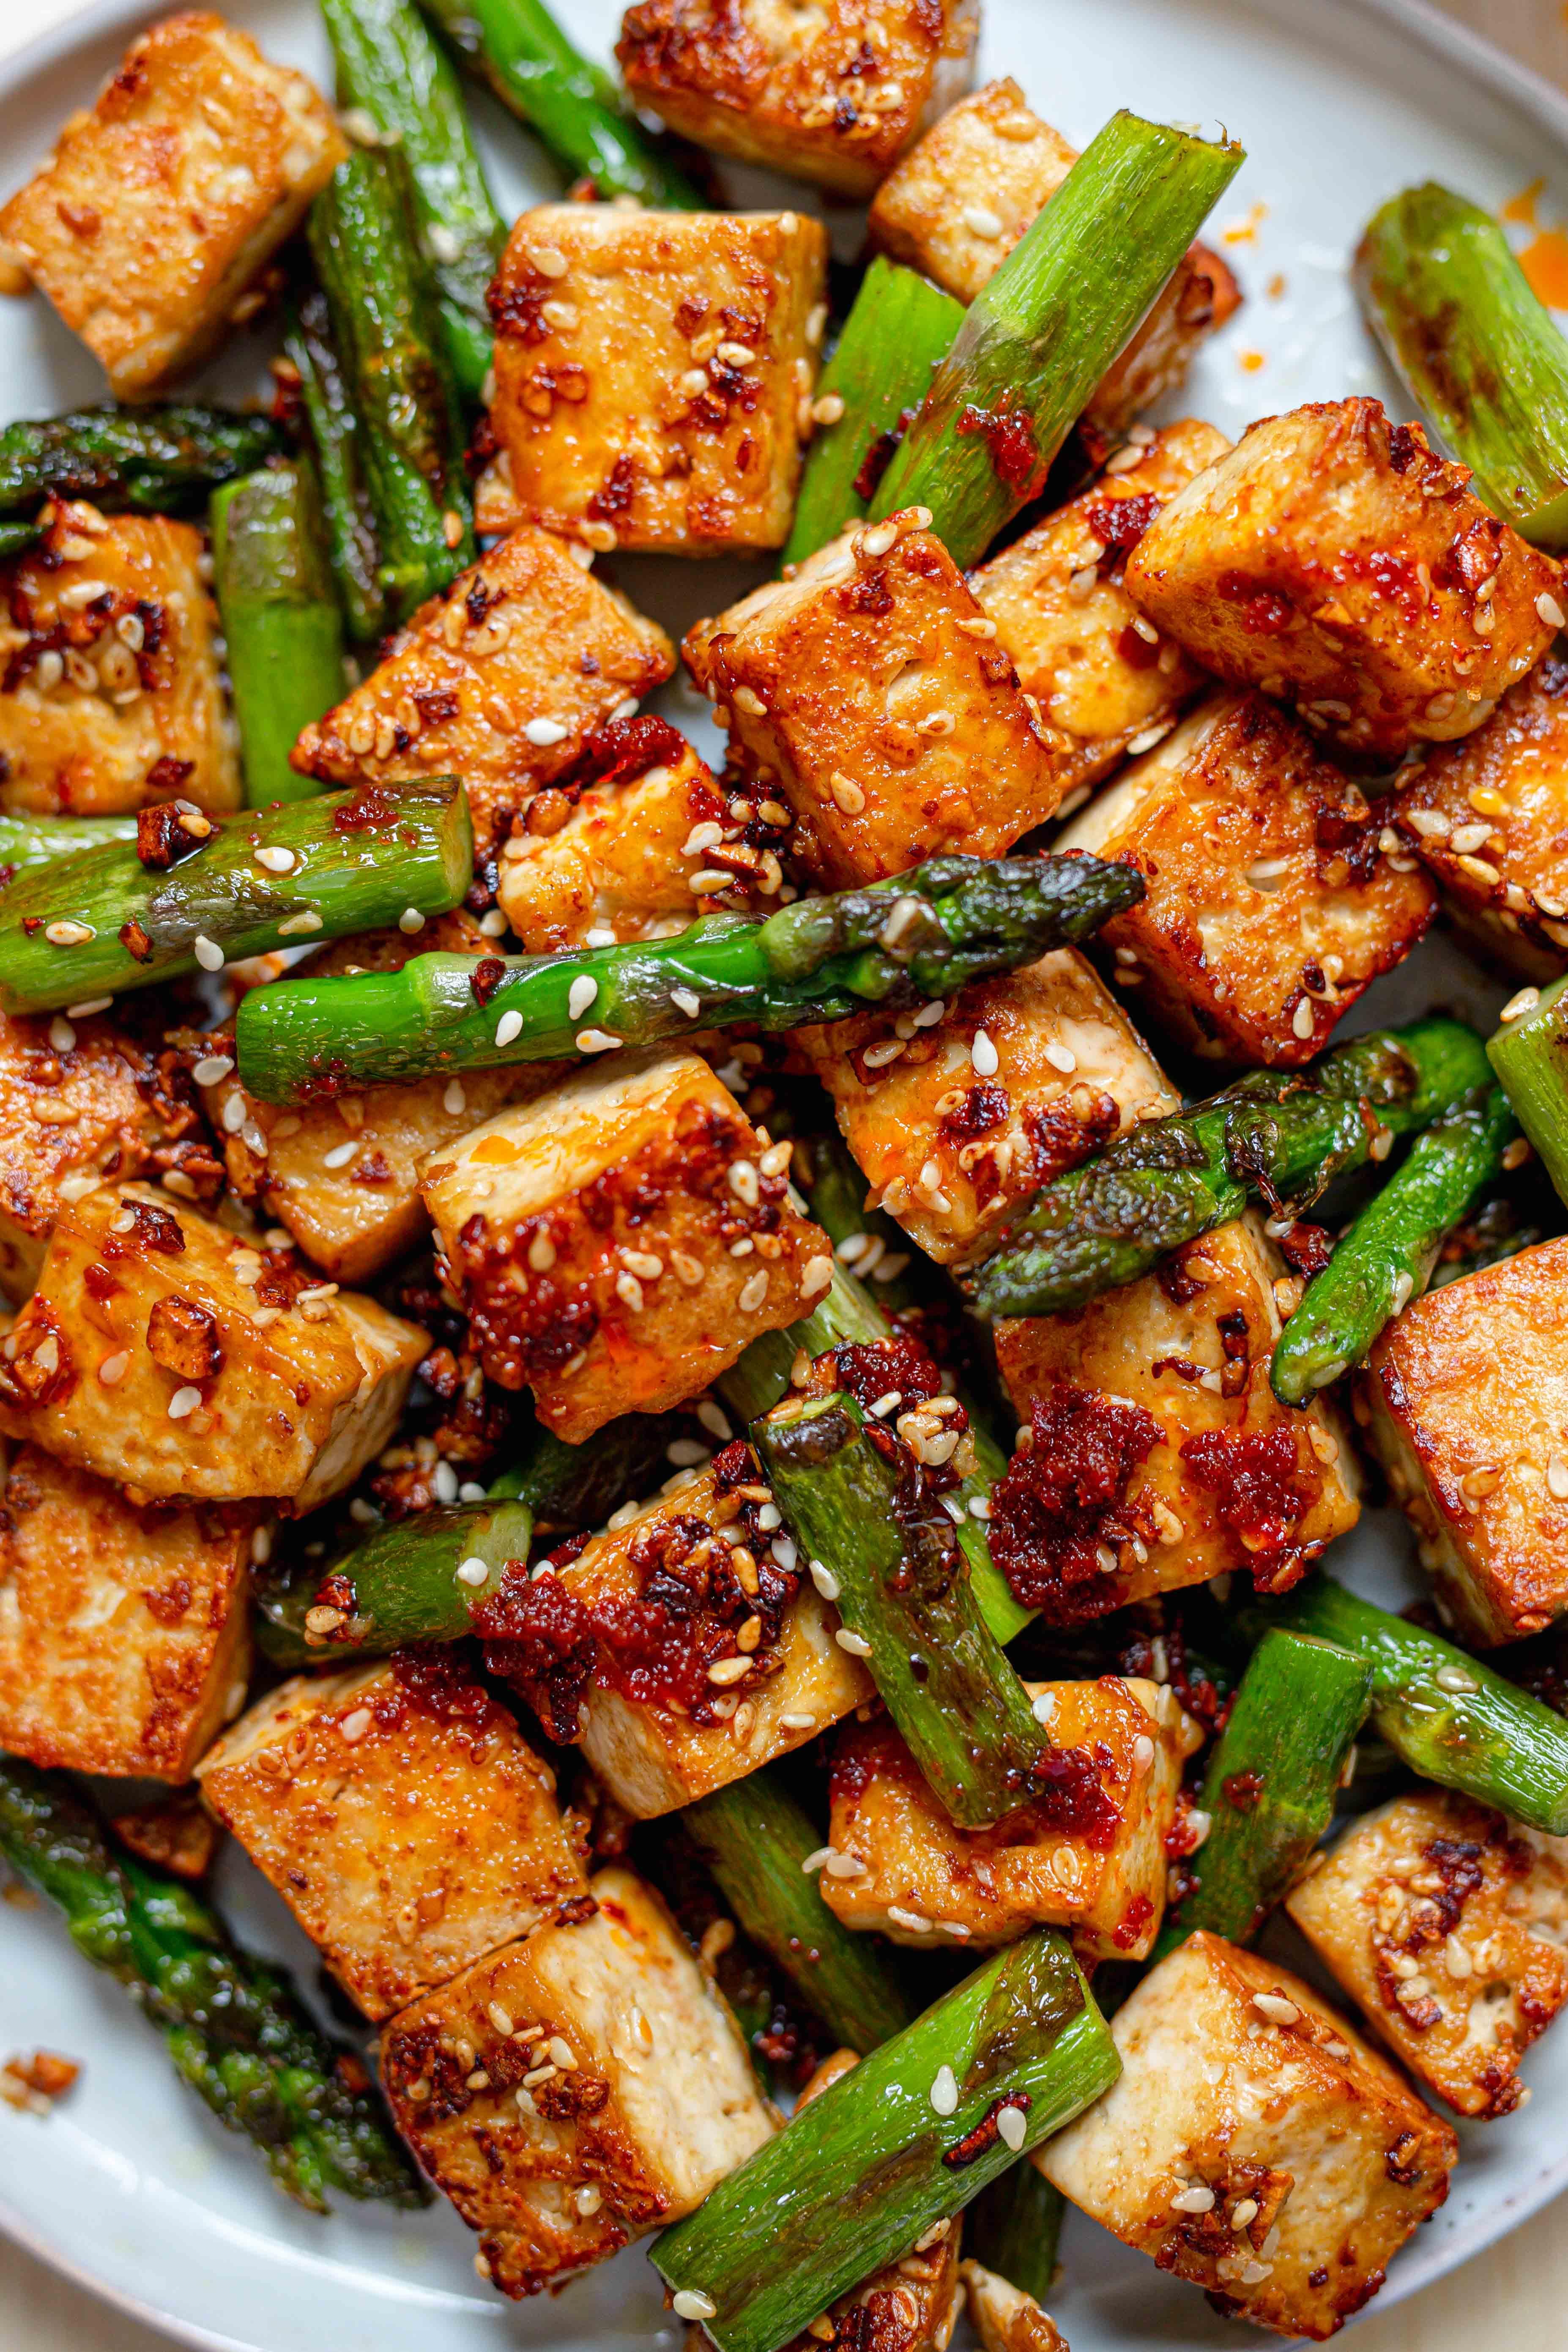 asparagus and tofu stir fry